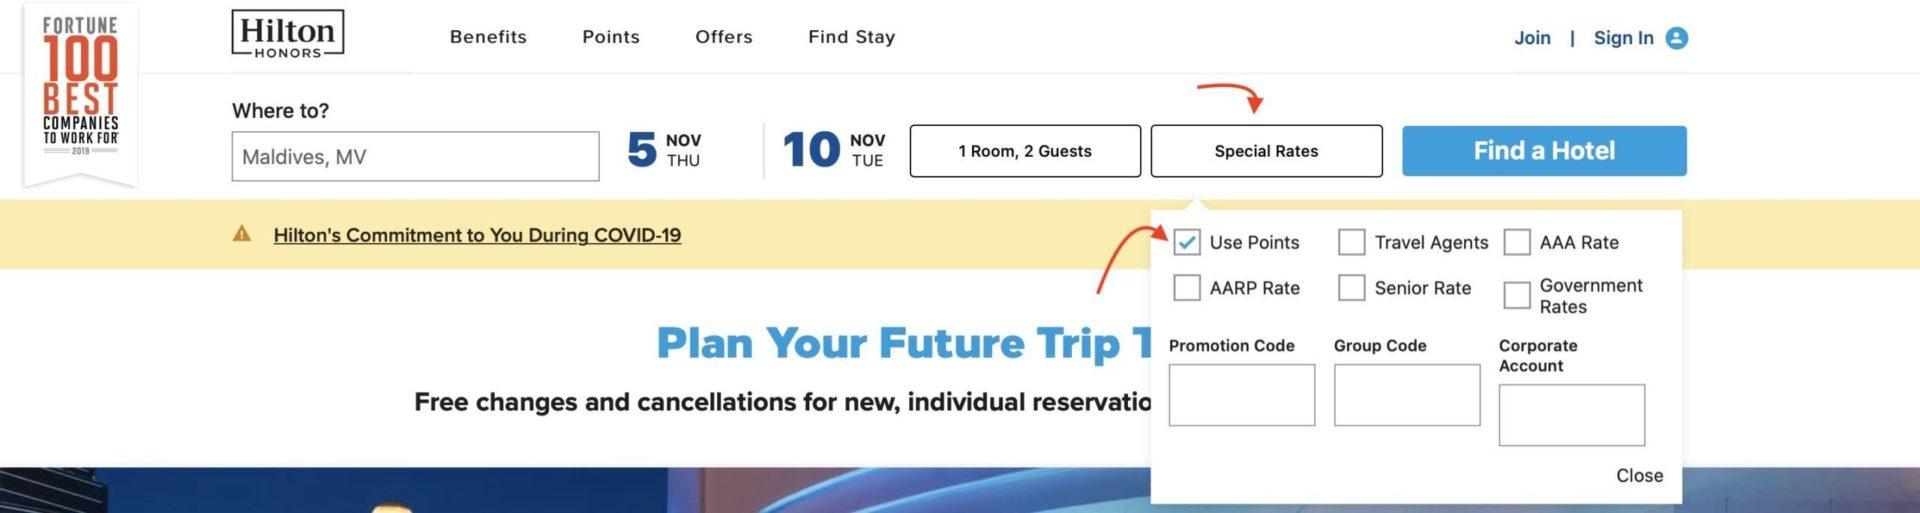 reservar um hotel com pontos no Hilton